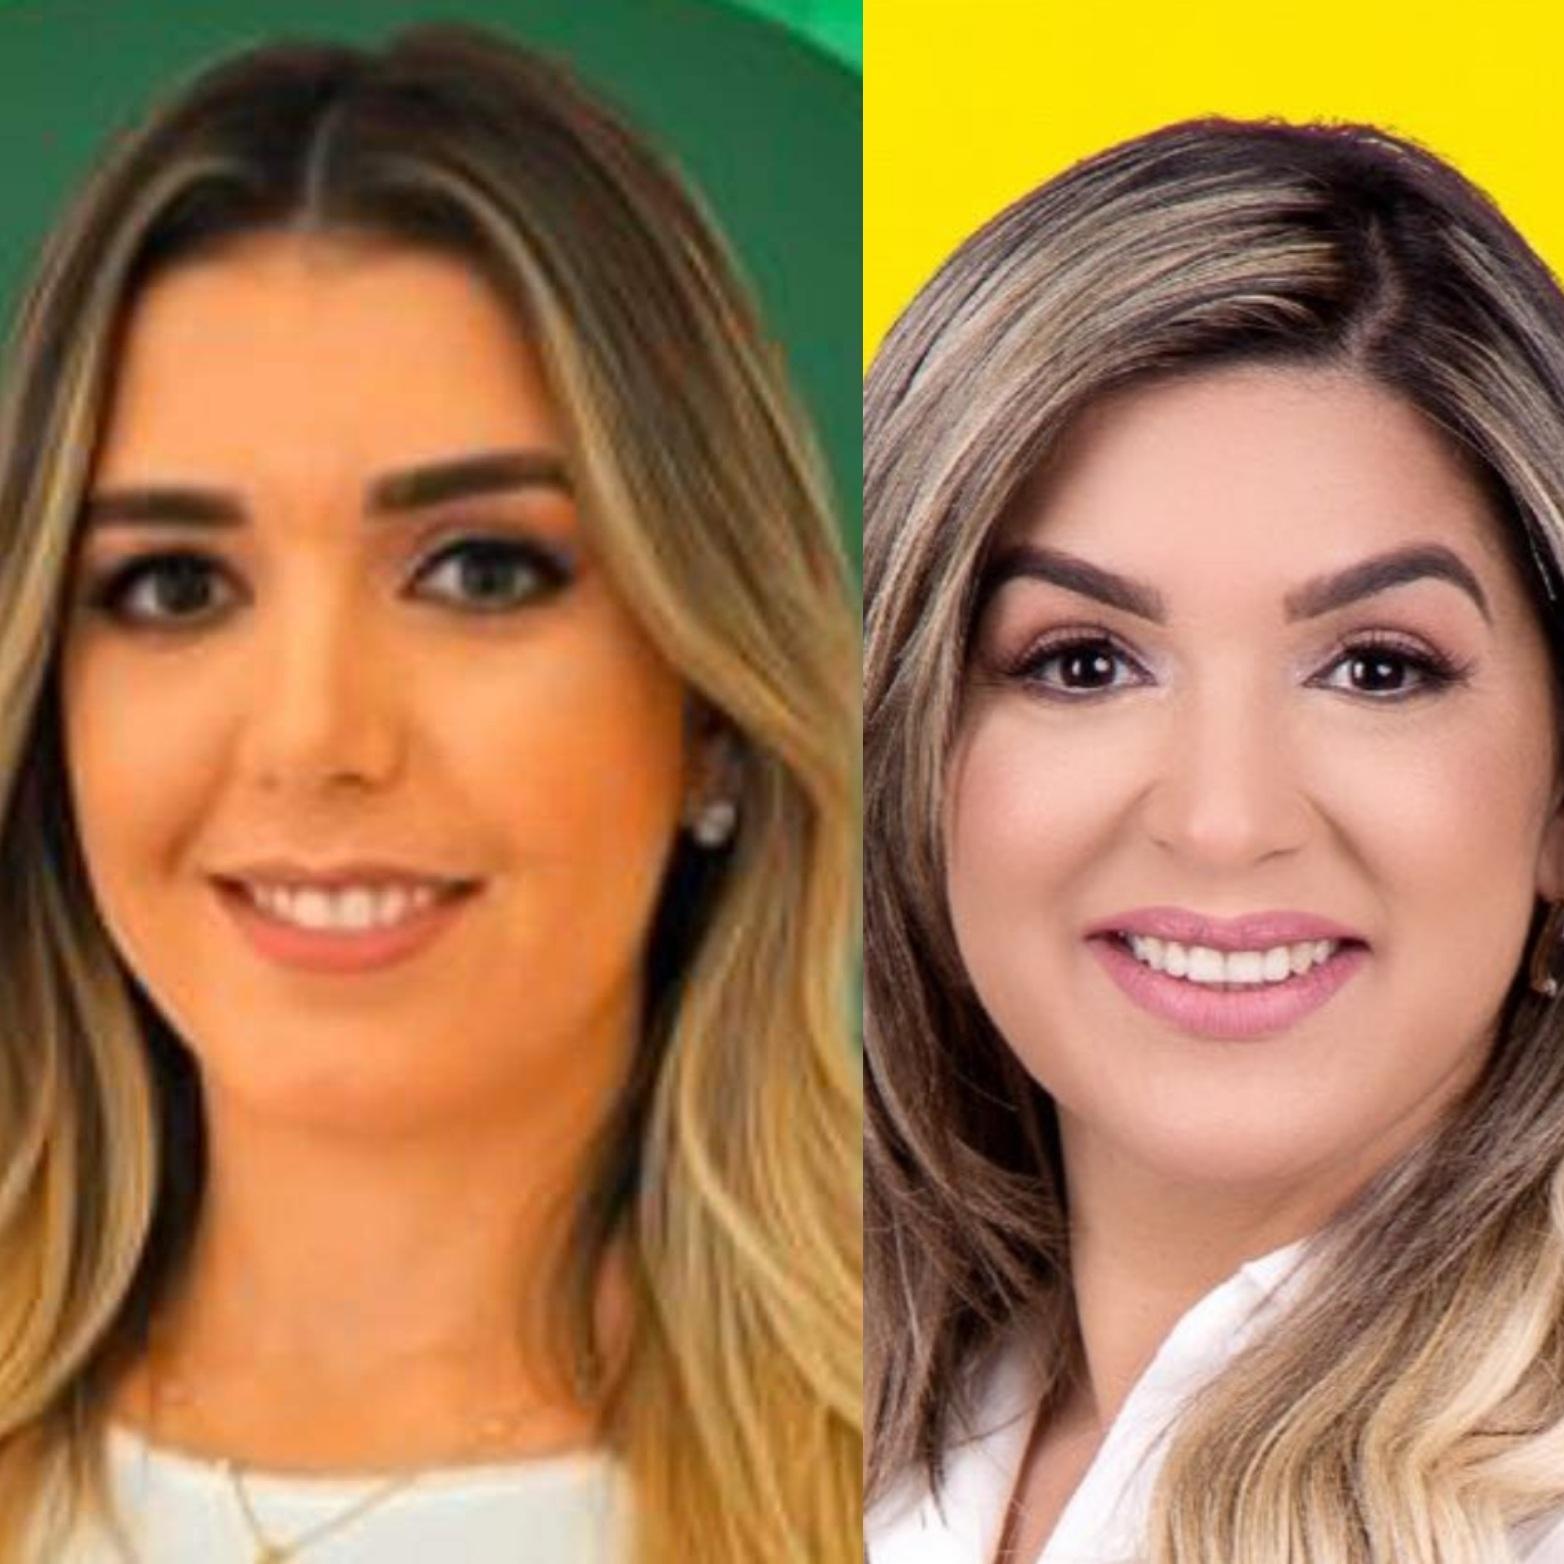 IMG_20201113_133303 Pesquisa 6Sigma aponta vitória de Anna Lorena com 54%, contra 25% de Micheila Henrique